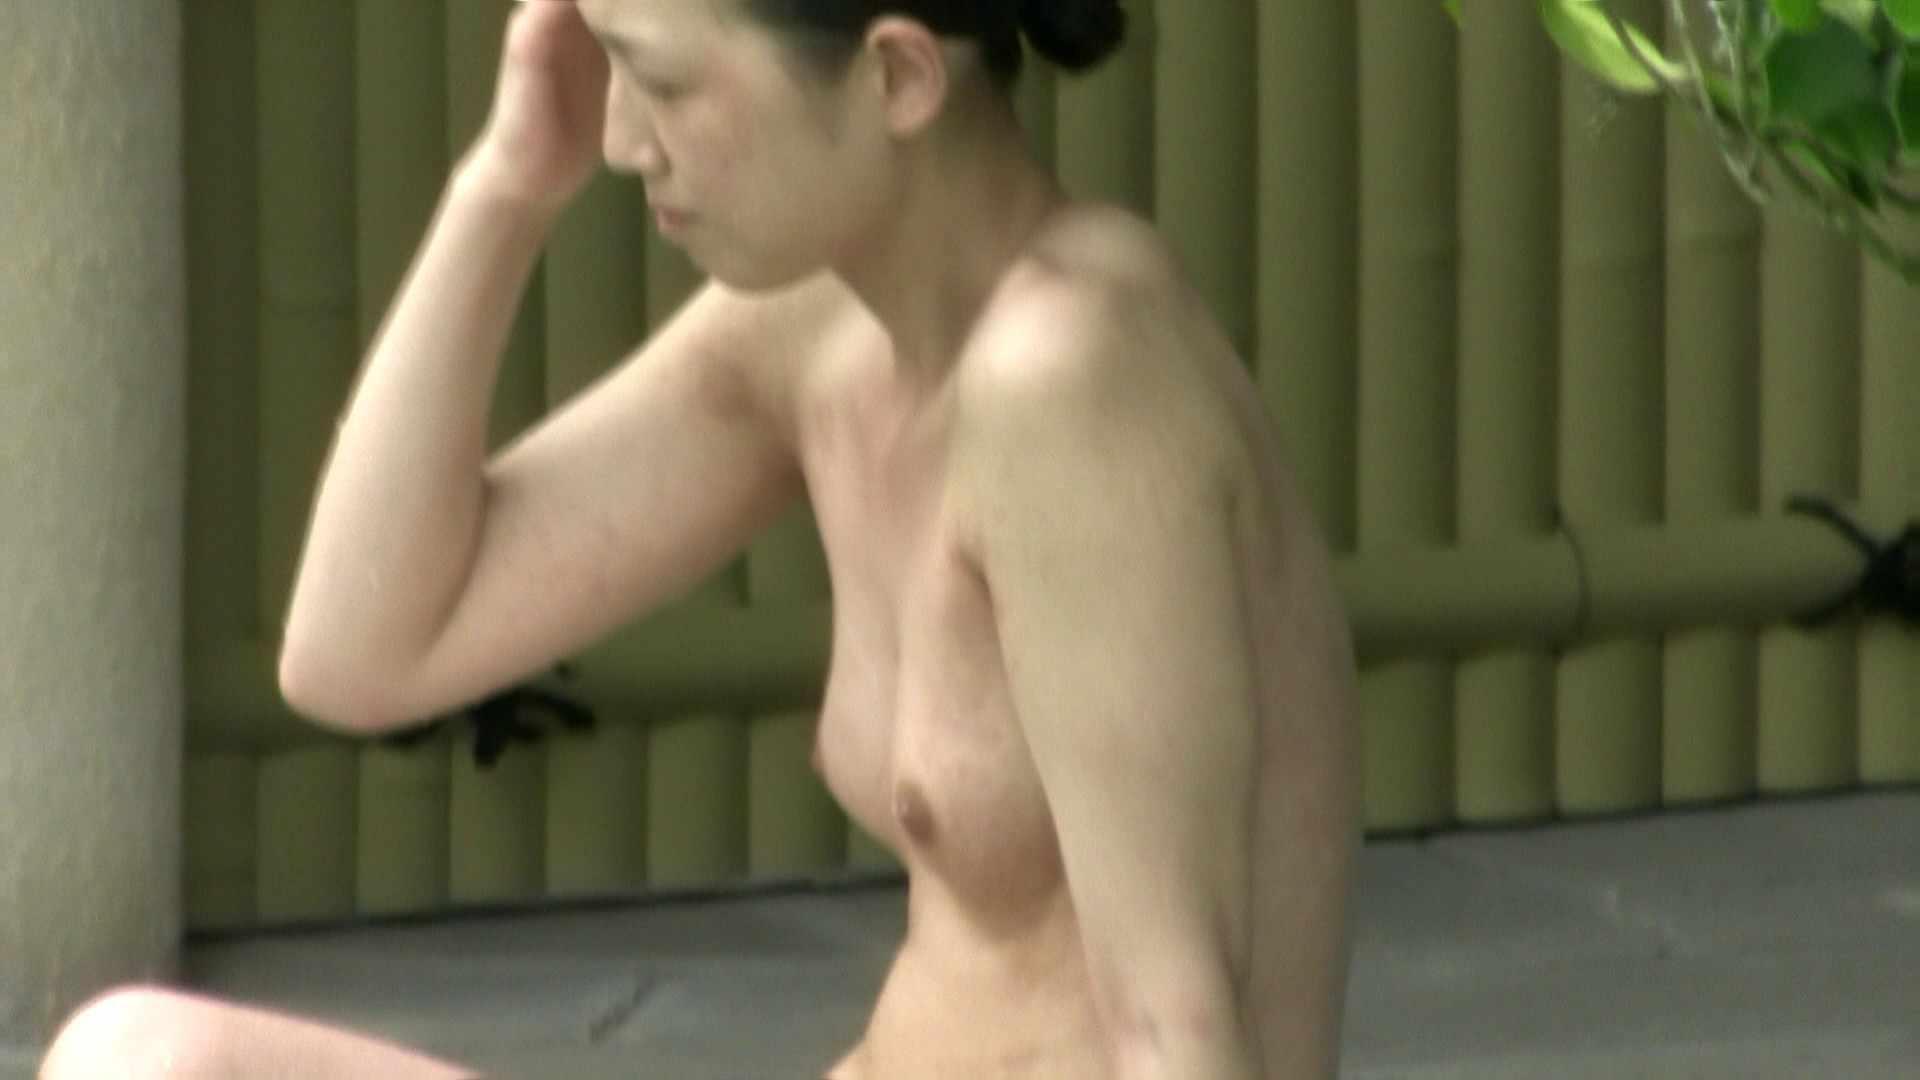 Aquaな露天風呂Vol.661 盗撮 性交動画流出 105画像 59